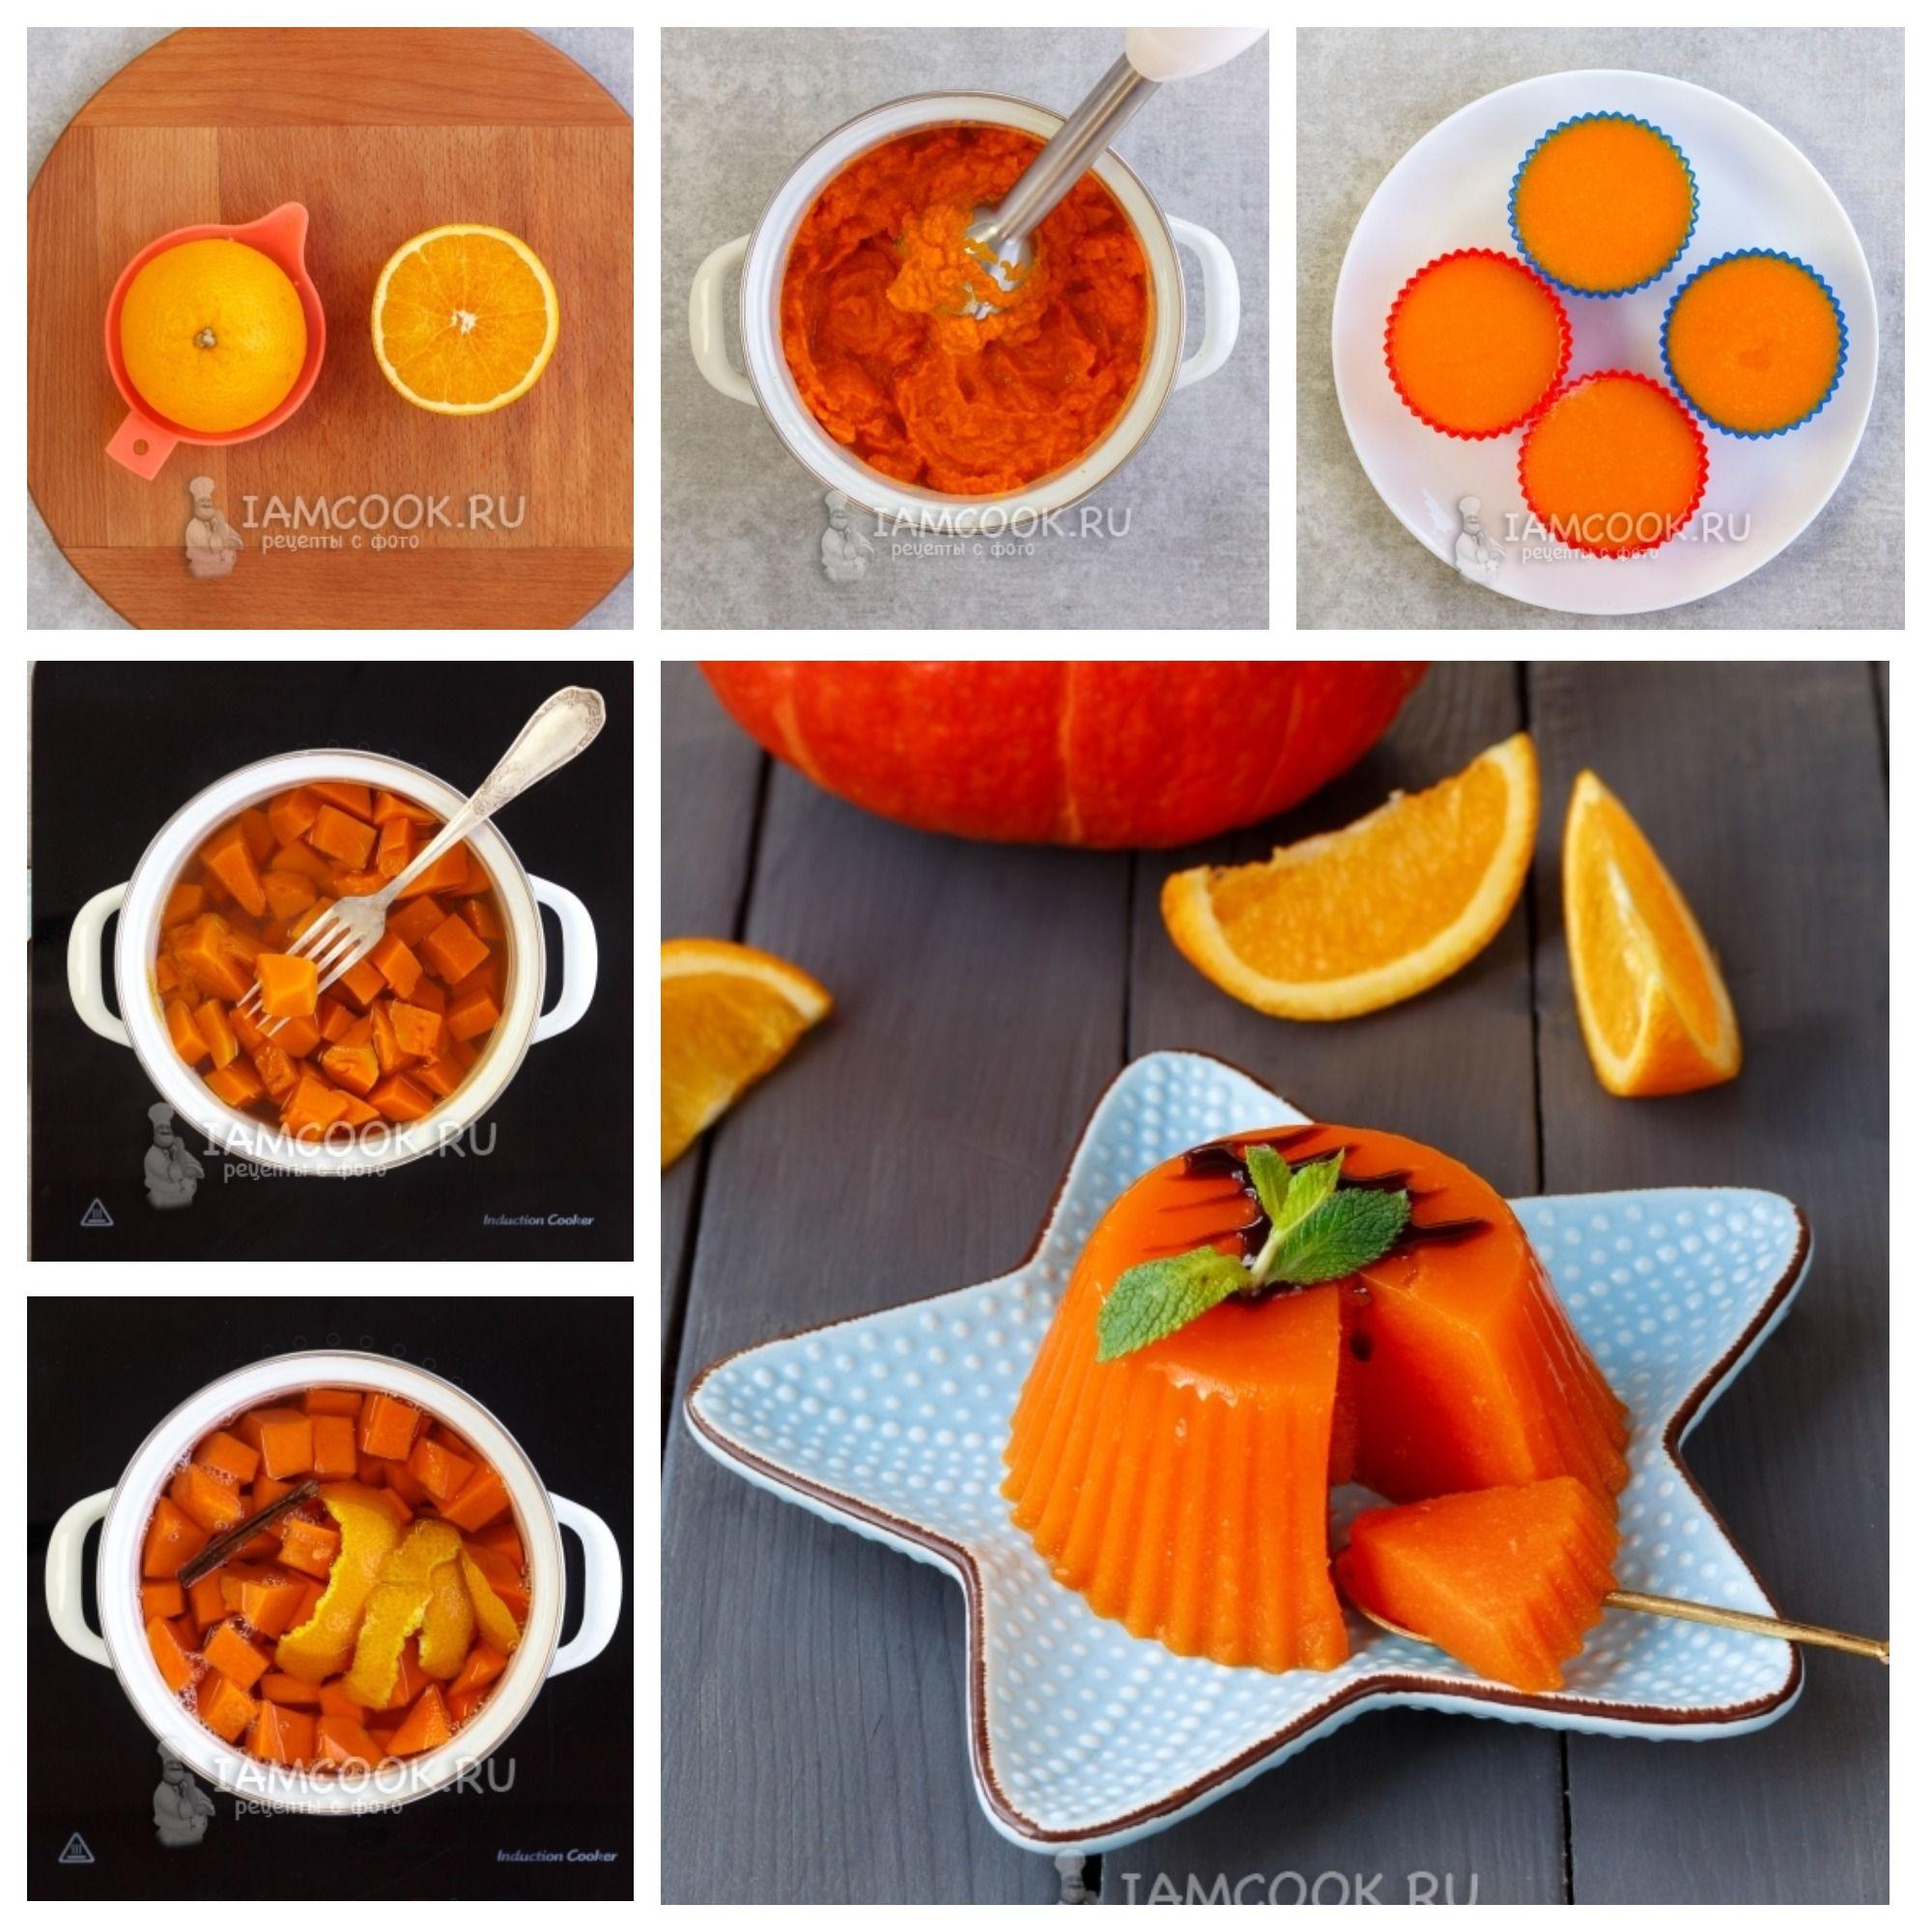 желе из апельсинового сока с желатином